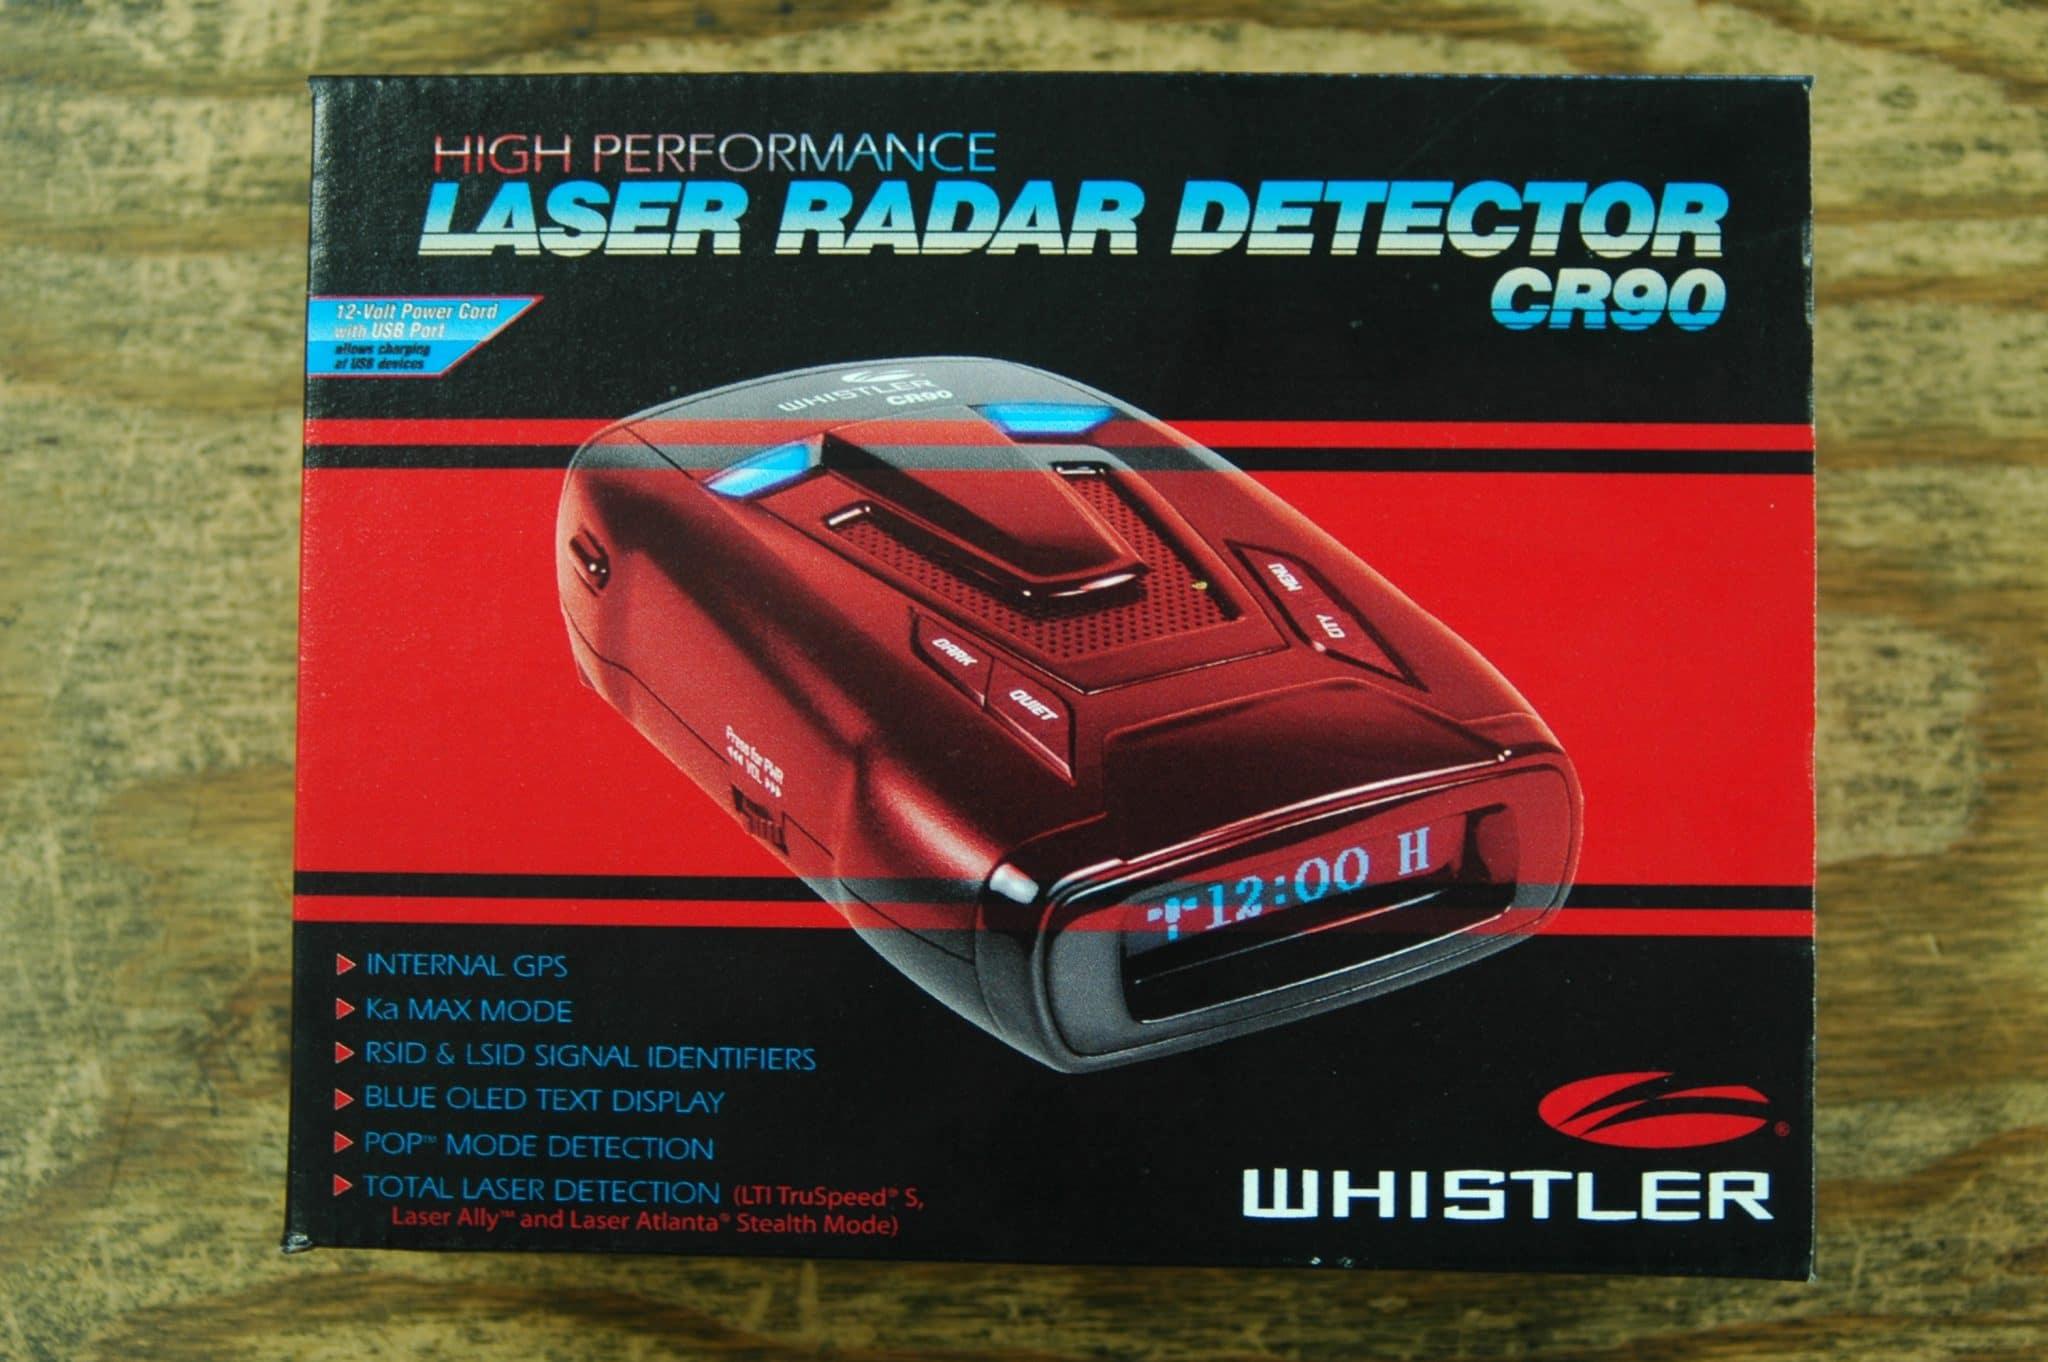 whistler cr90 laser radar detector box